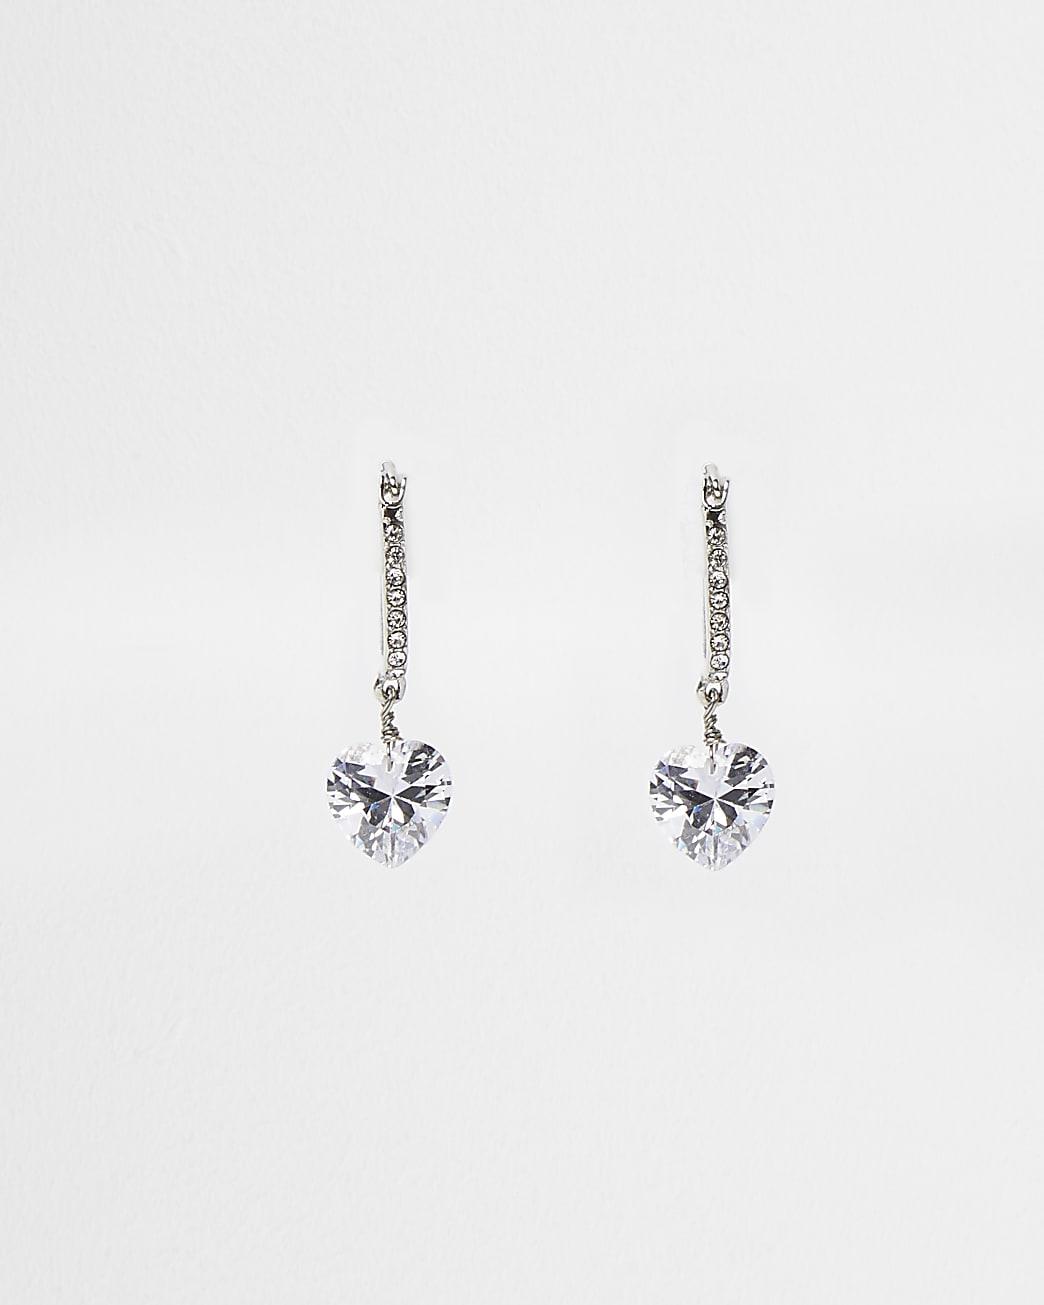 Silver diamante heart drop earrings